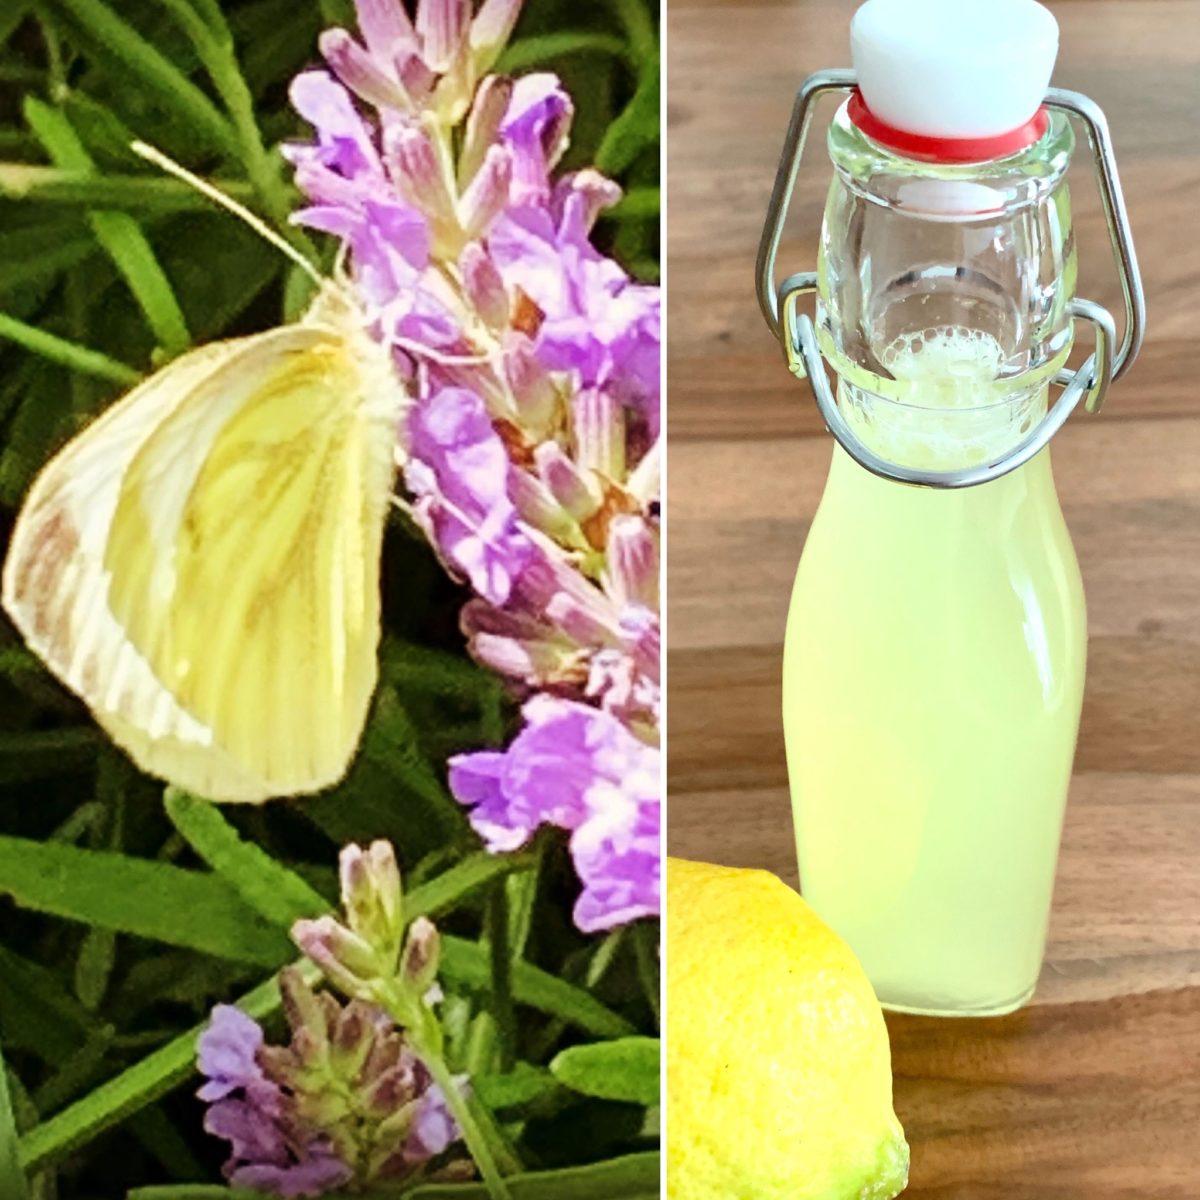 Köstliche Chemie: Sirup für Zitronenlimonade